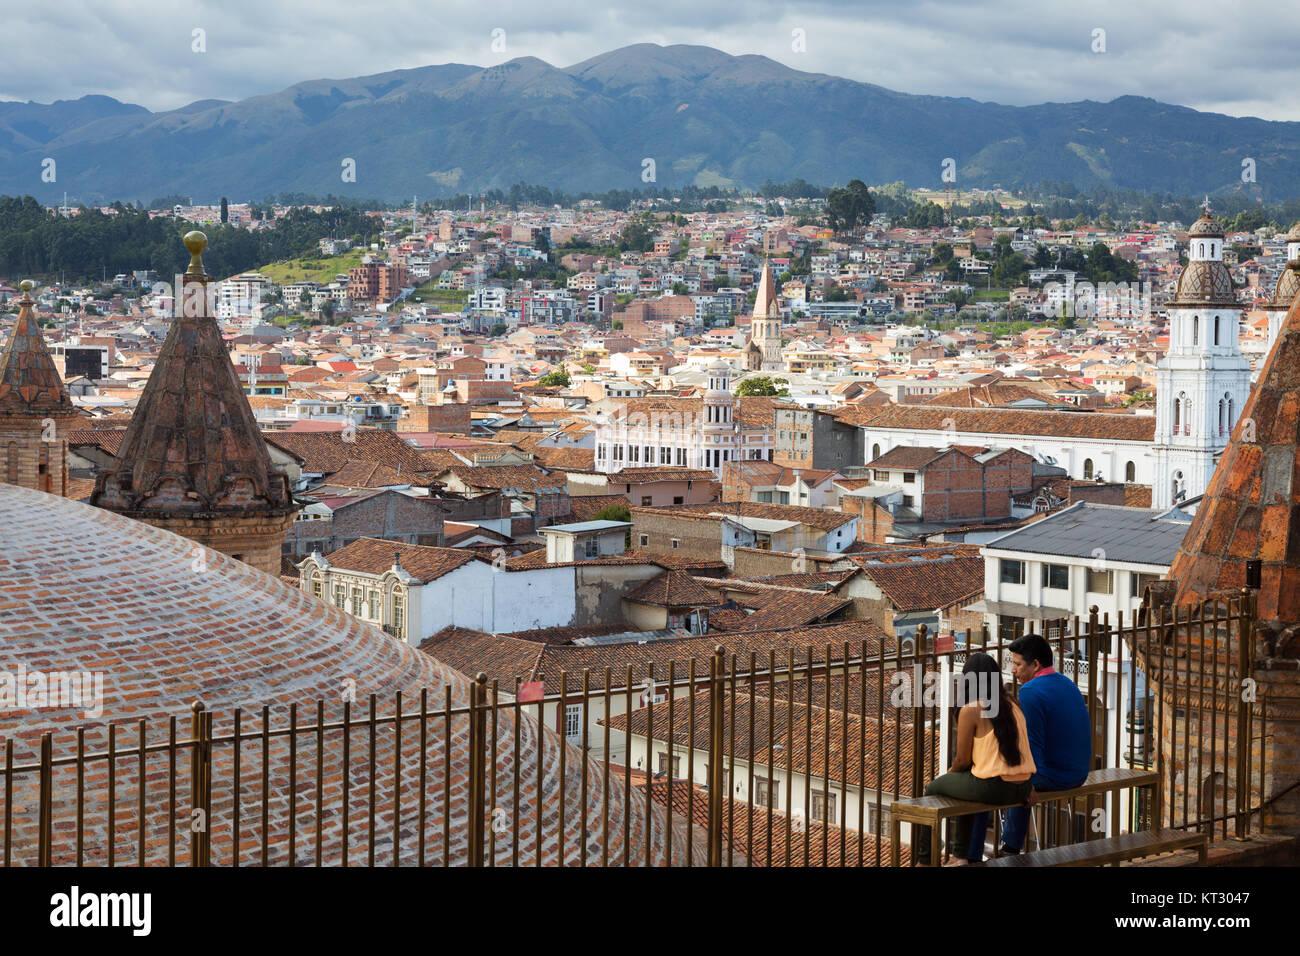 Una pareja disfrutando de la vista desde el tejado de la Catedral, la catedral de Cuenca, Cuenca, Ecuador Sudamérica Imagen De Stock